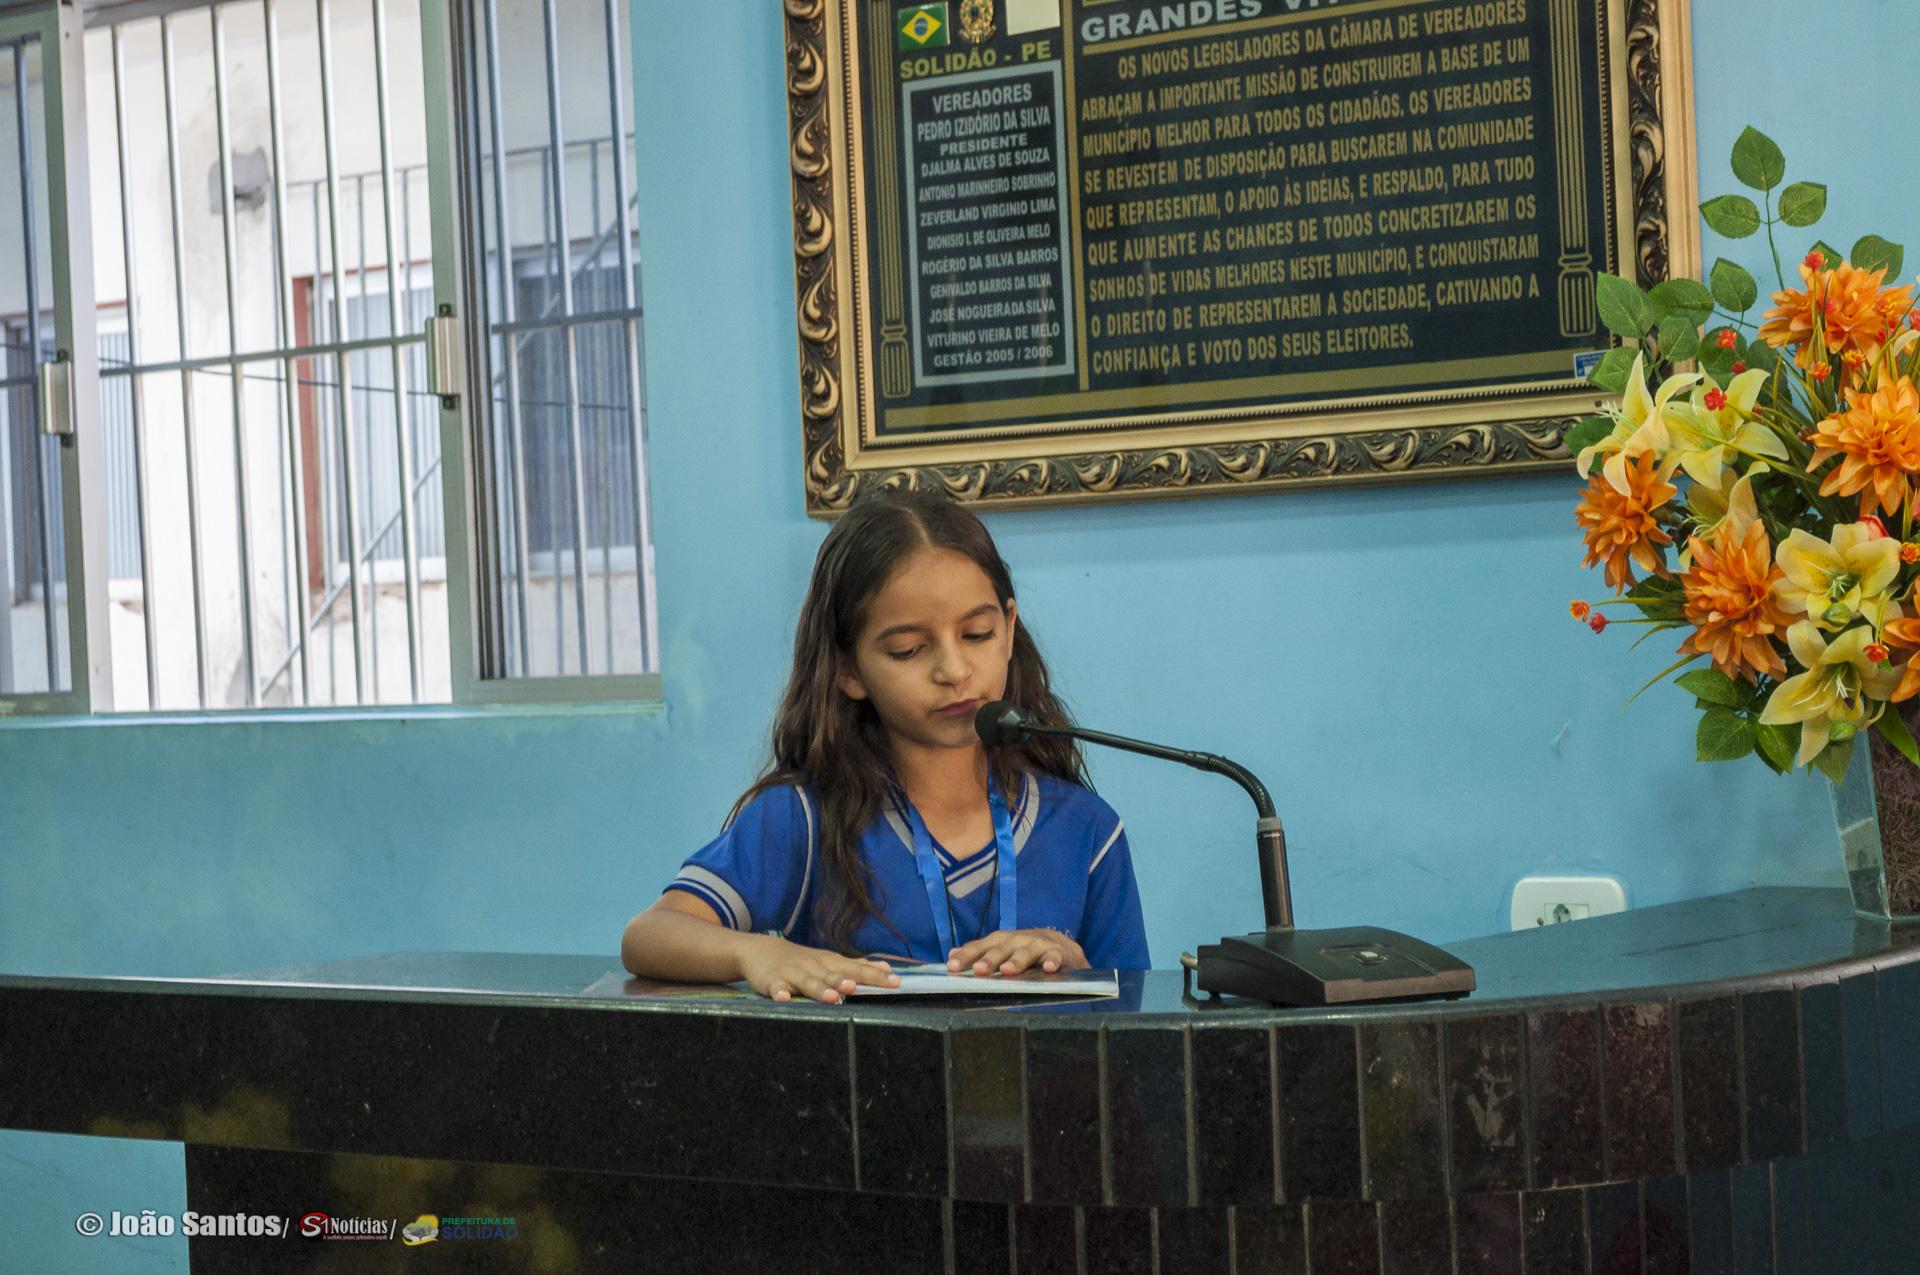 Maria Vitória Ramos vencedora doCurso Ler Bem fase municipal em Solidão